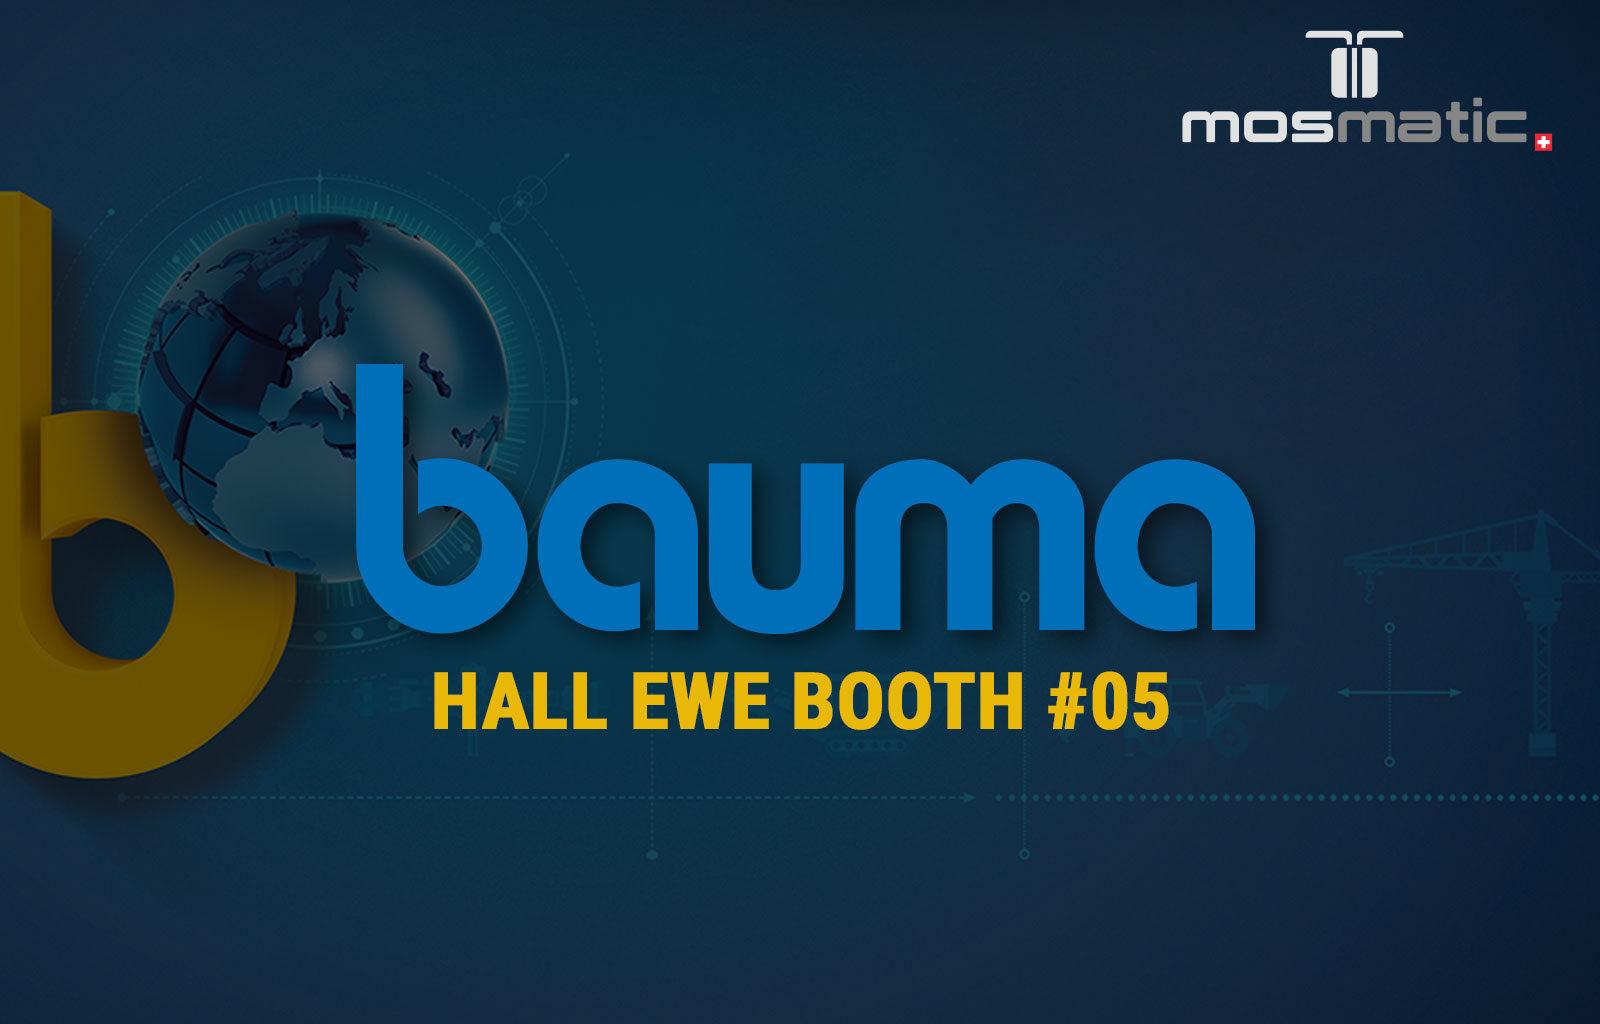 Mosmatic at the BAUMA 2019